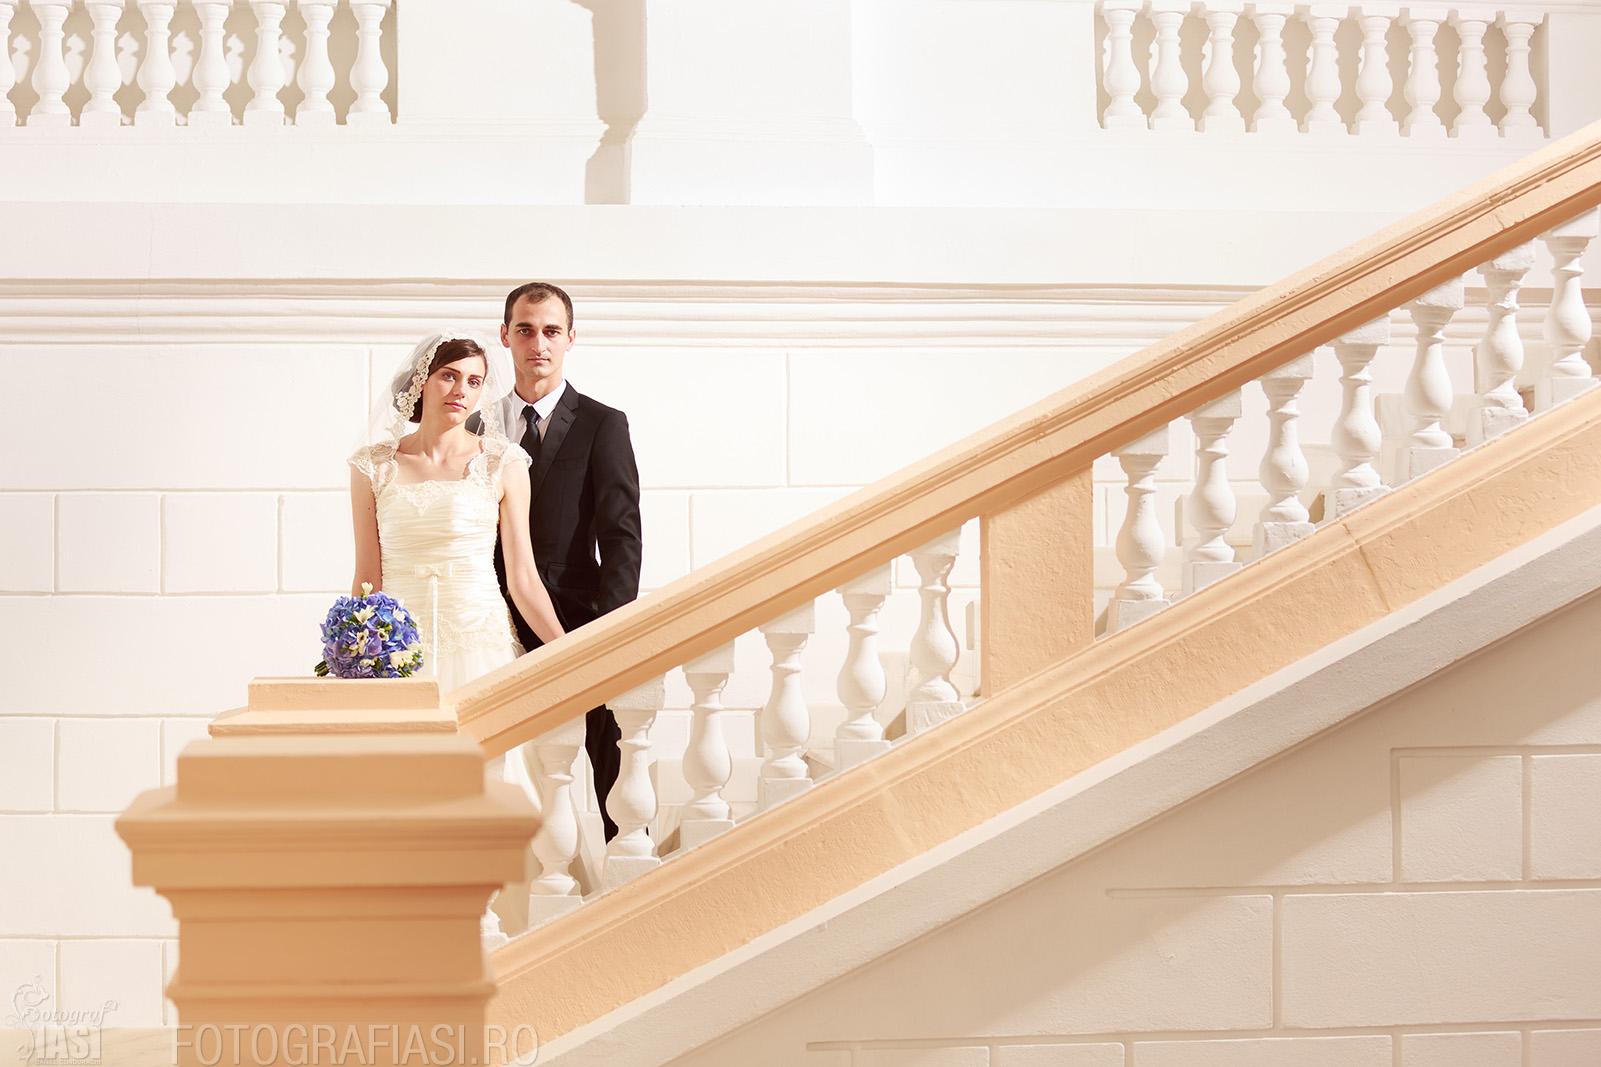 fotografie de nunta folosind lumina de studio din lateral